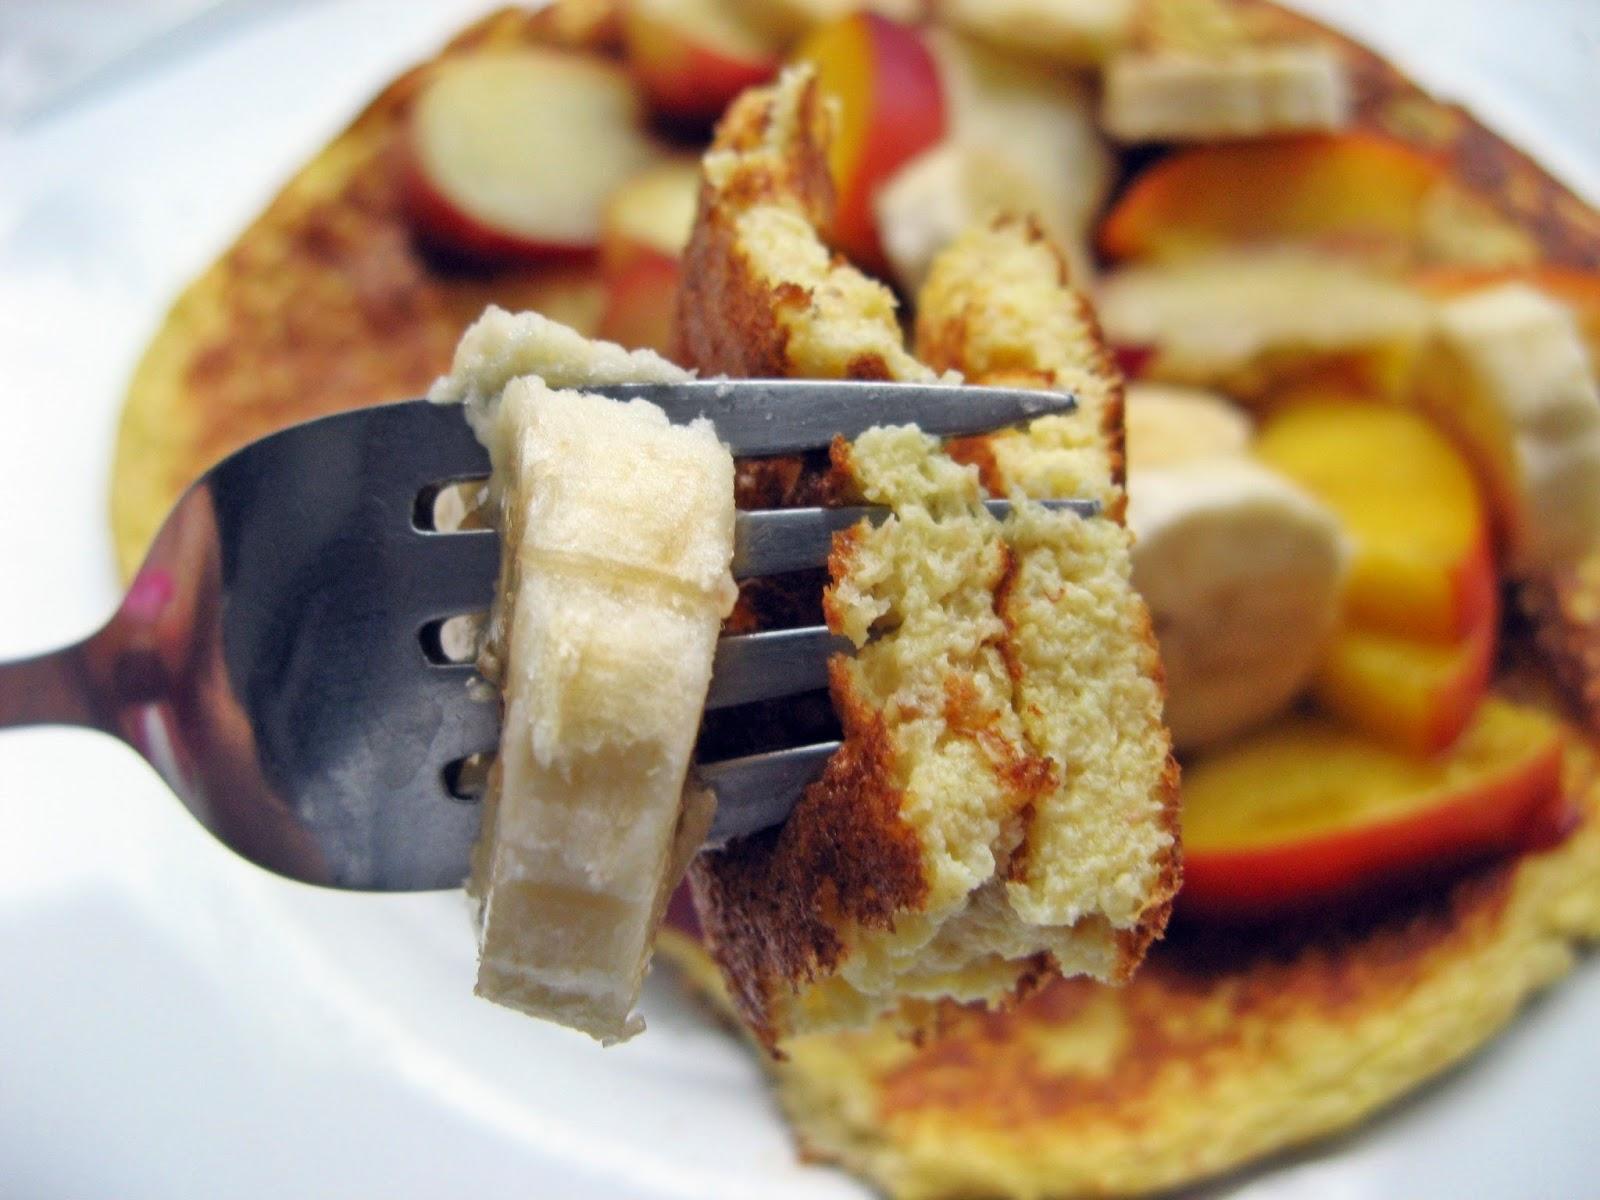 IMG 1588 1 - Amarantusowy omlet z owocami